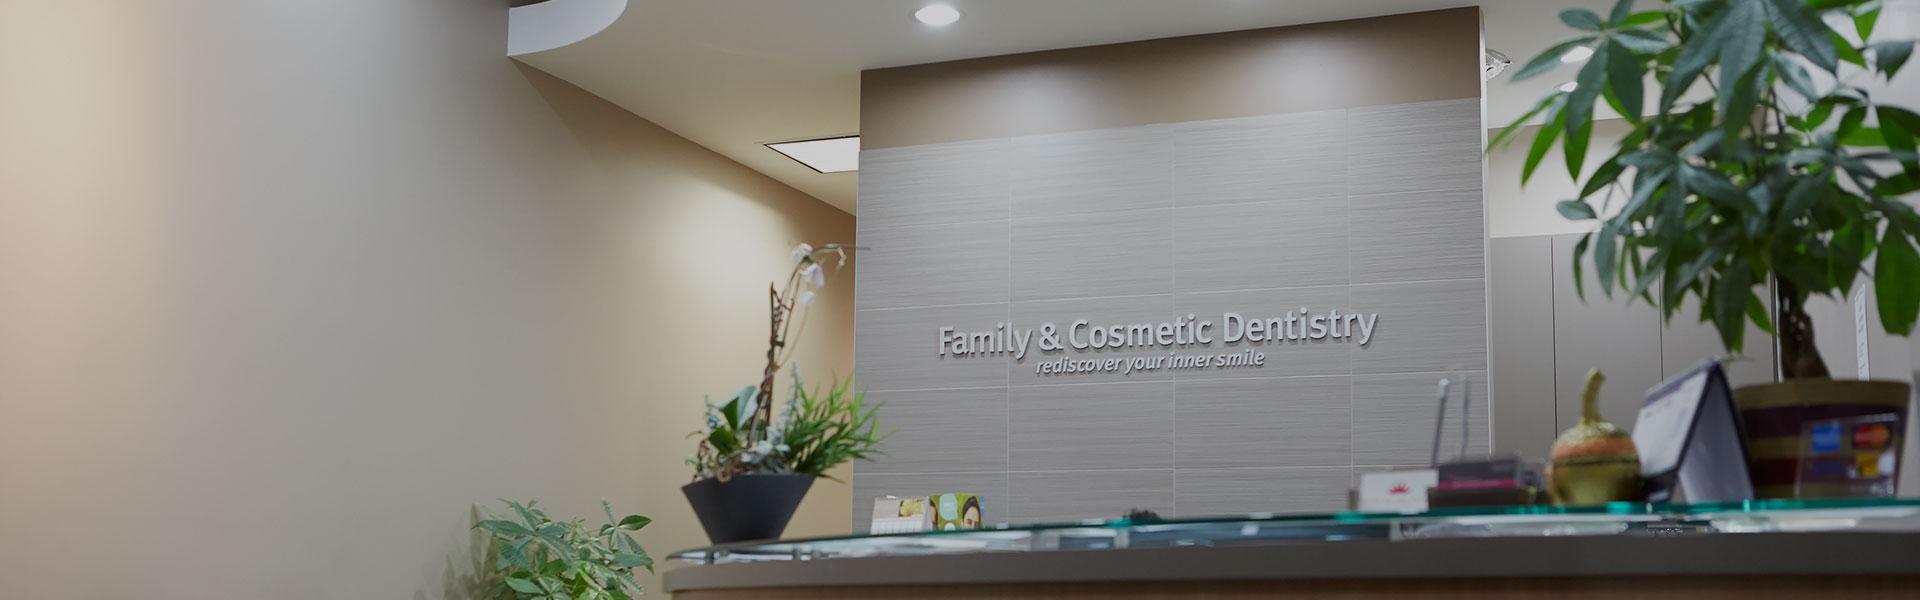 dr-choo-family-dentistry